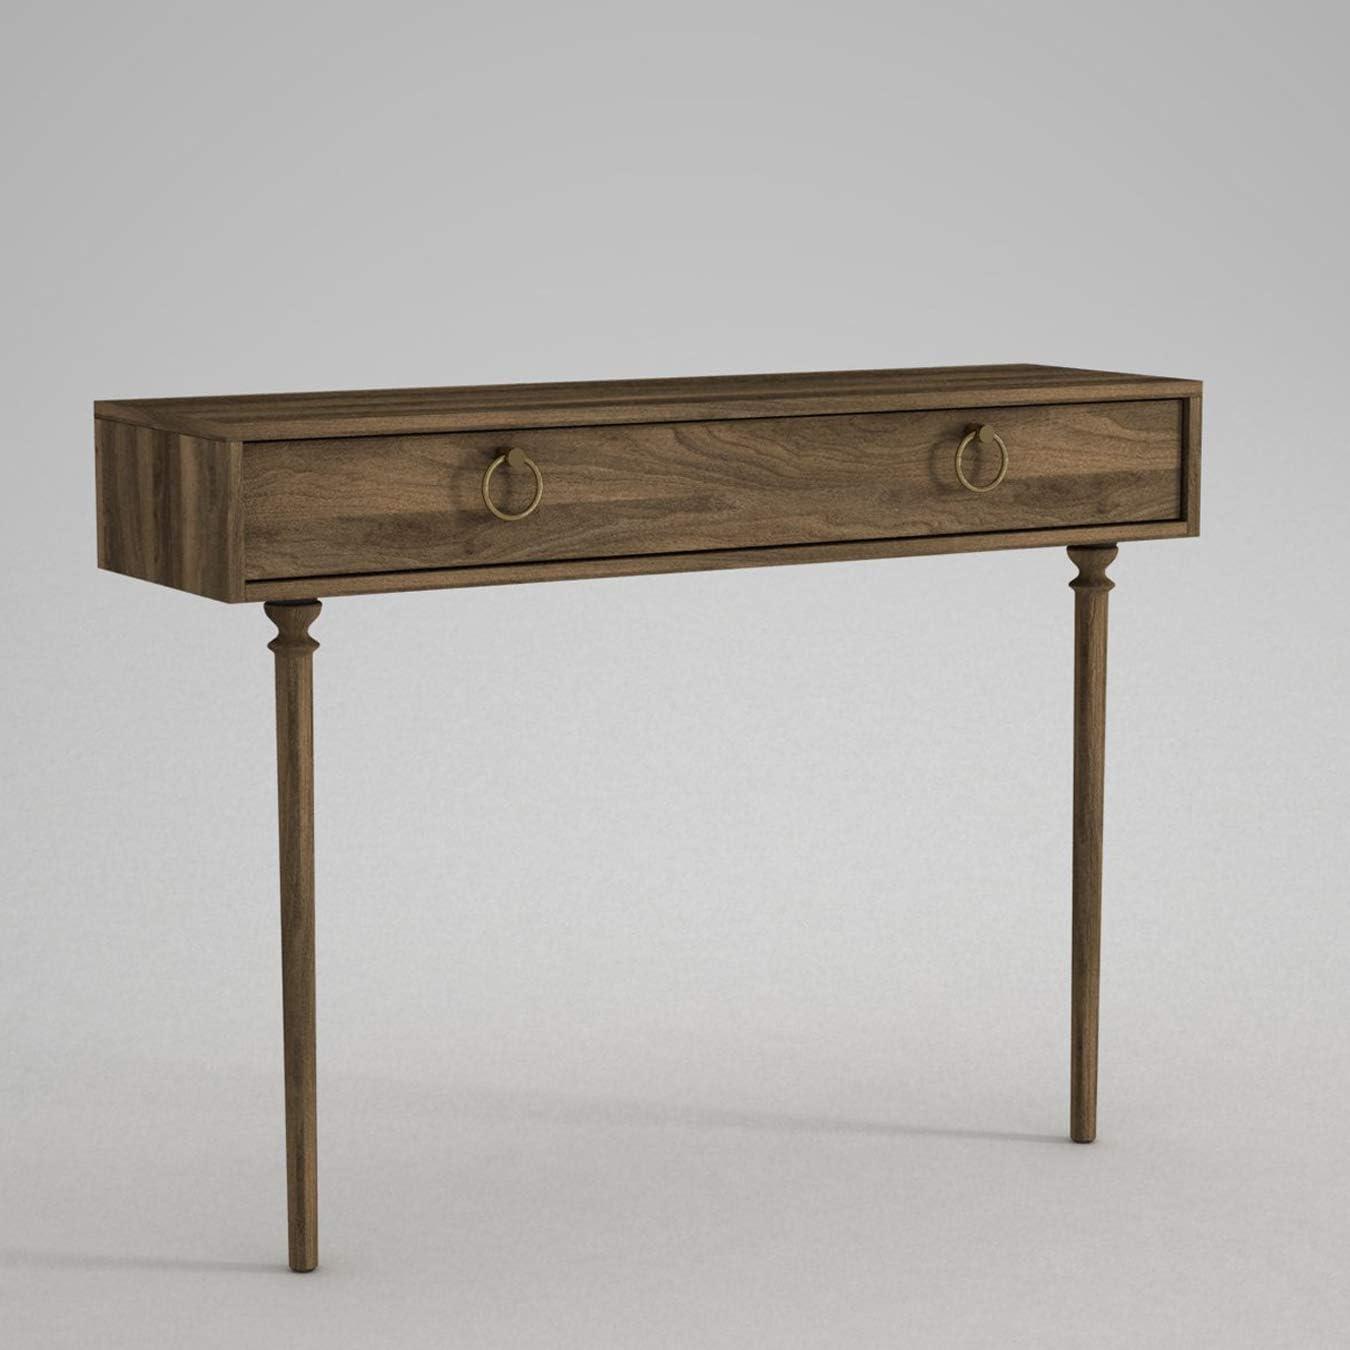 120 x 90 x 35 cm Alphamoebel 4913 Goldy Konsolentisch Ablagetisch Beistelltisch Walnuss mit Massivholz F/ü/ße Holz gro/ße Schublade viel Stauraum